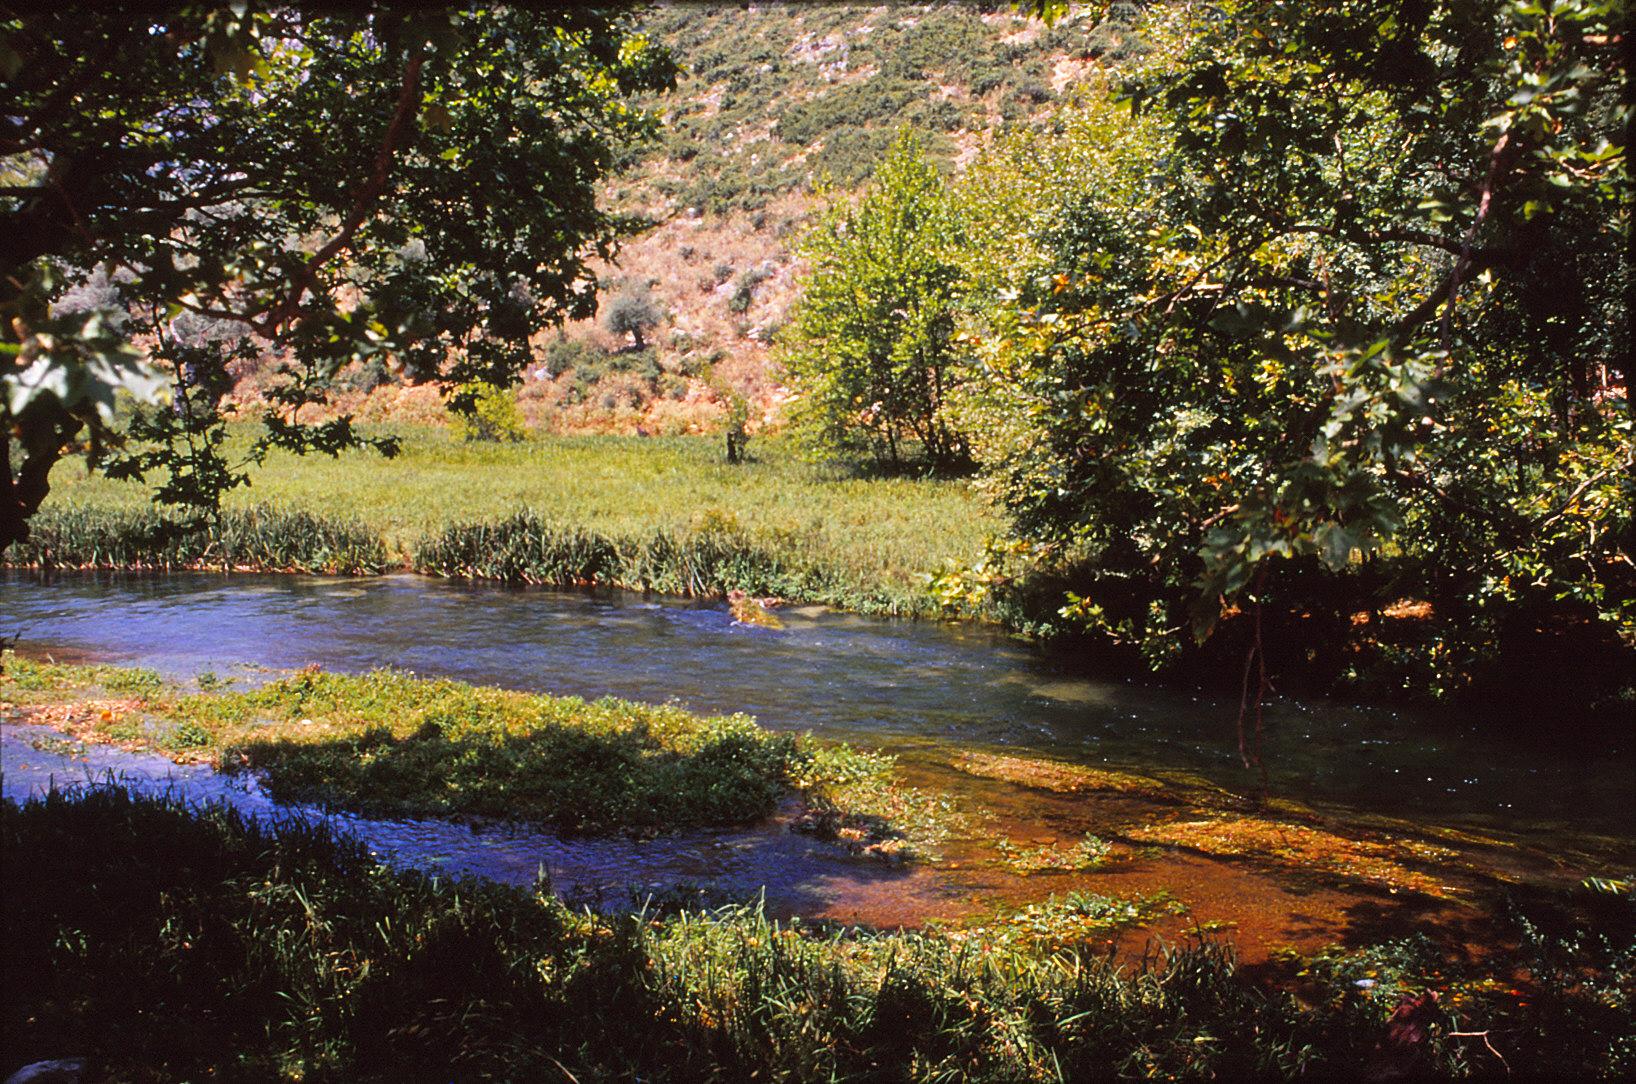 Αποτέλεσμα εικόνας για Ρωμαϊκό Υδραγωγείο Φιλιππιάδας